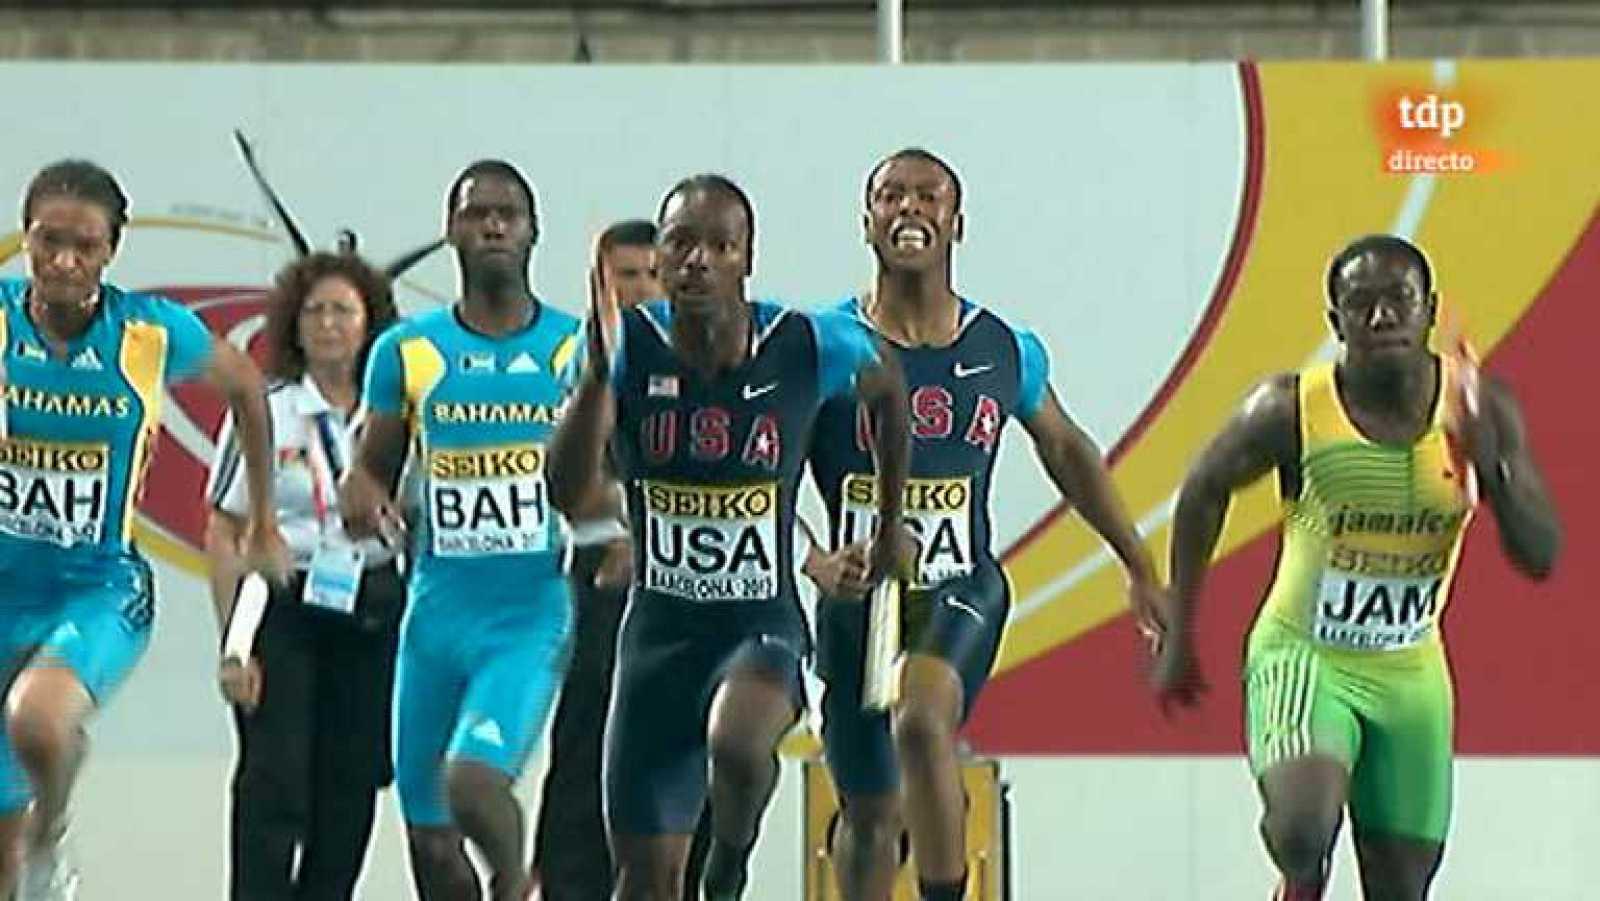 Atletismo - Campeonato del Mundo Júnior, 2 - 14/07/12 -  Ver ahora